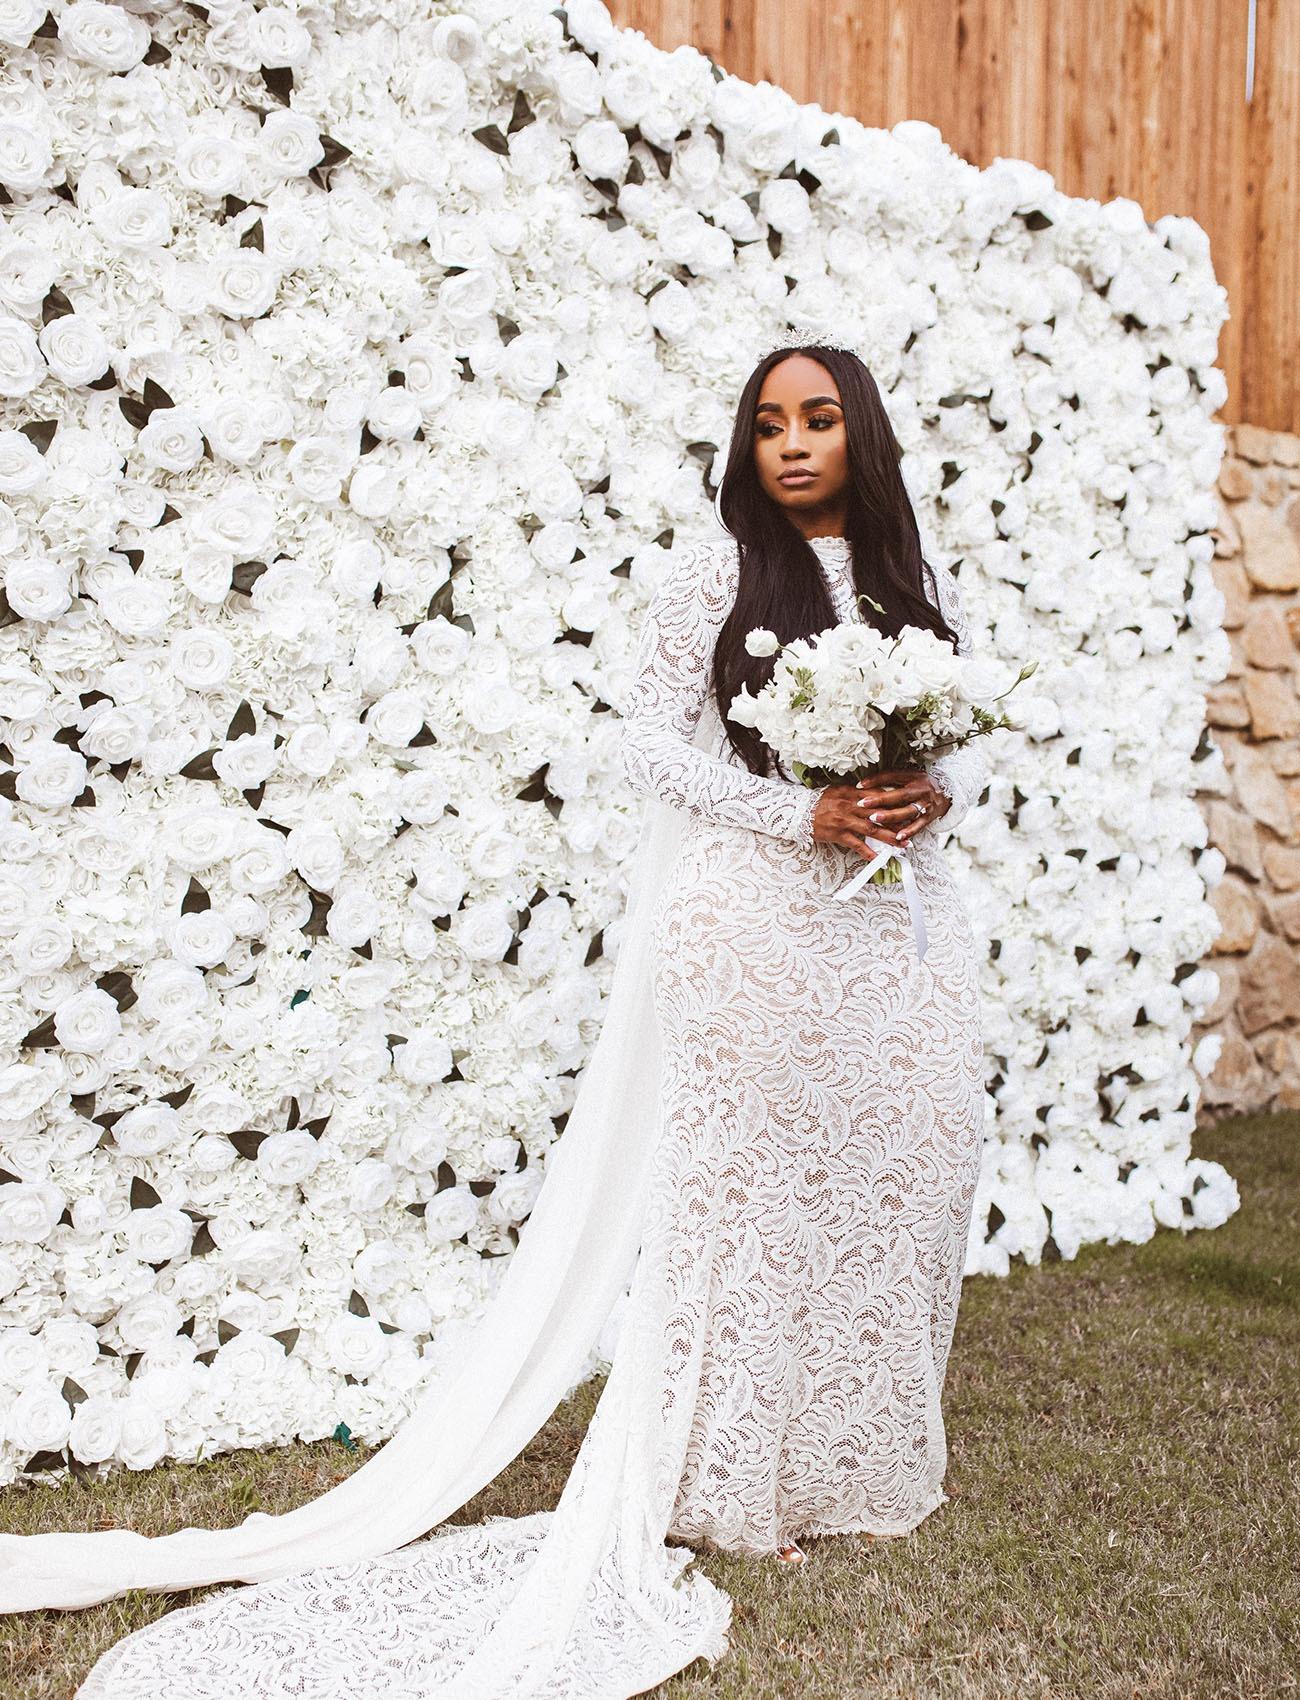 floral wall DIY wedding backdrop idea